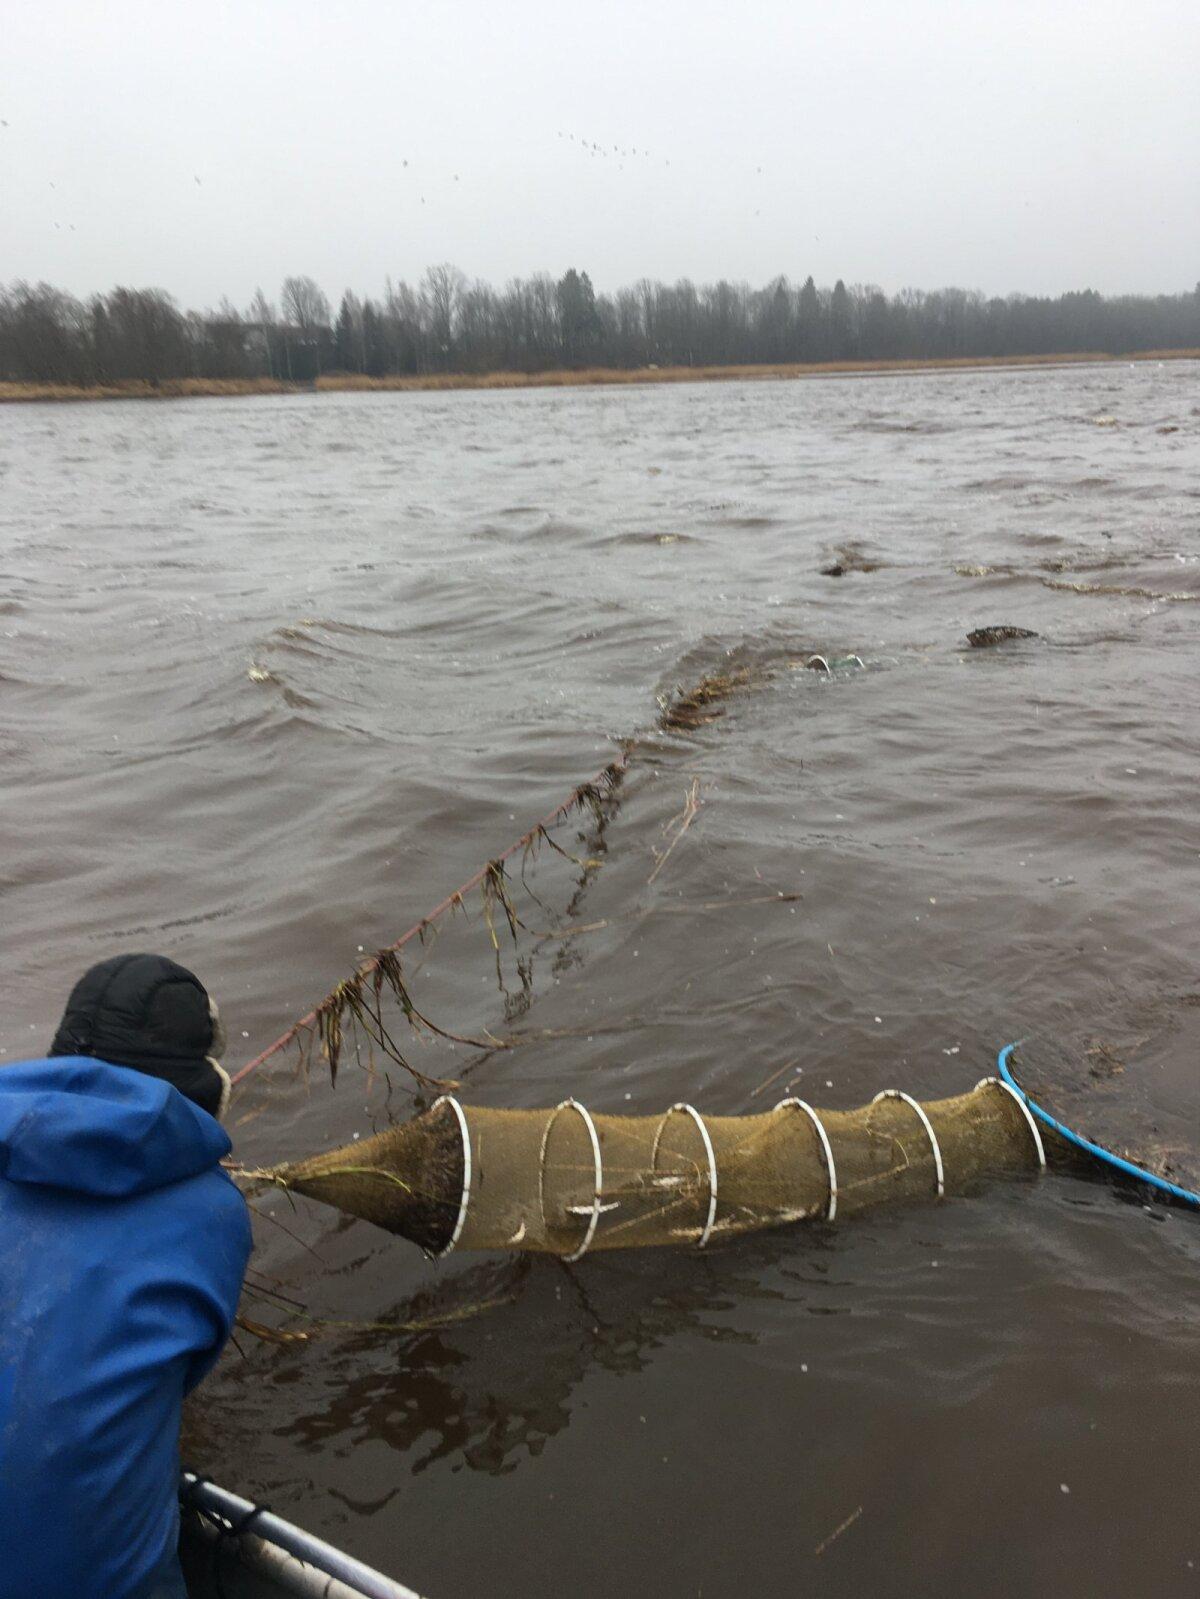 Meritindi püük rivimõrraga. Jõega paralleelselt olevale liinile kinnitatud rivimõrra saagikus võib ulatuda isegi mõnekümne kiloni, seda kala kuderände tipphetkedel, mis on aprilli esimestel nädalatel.